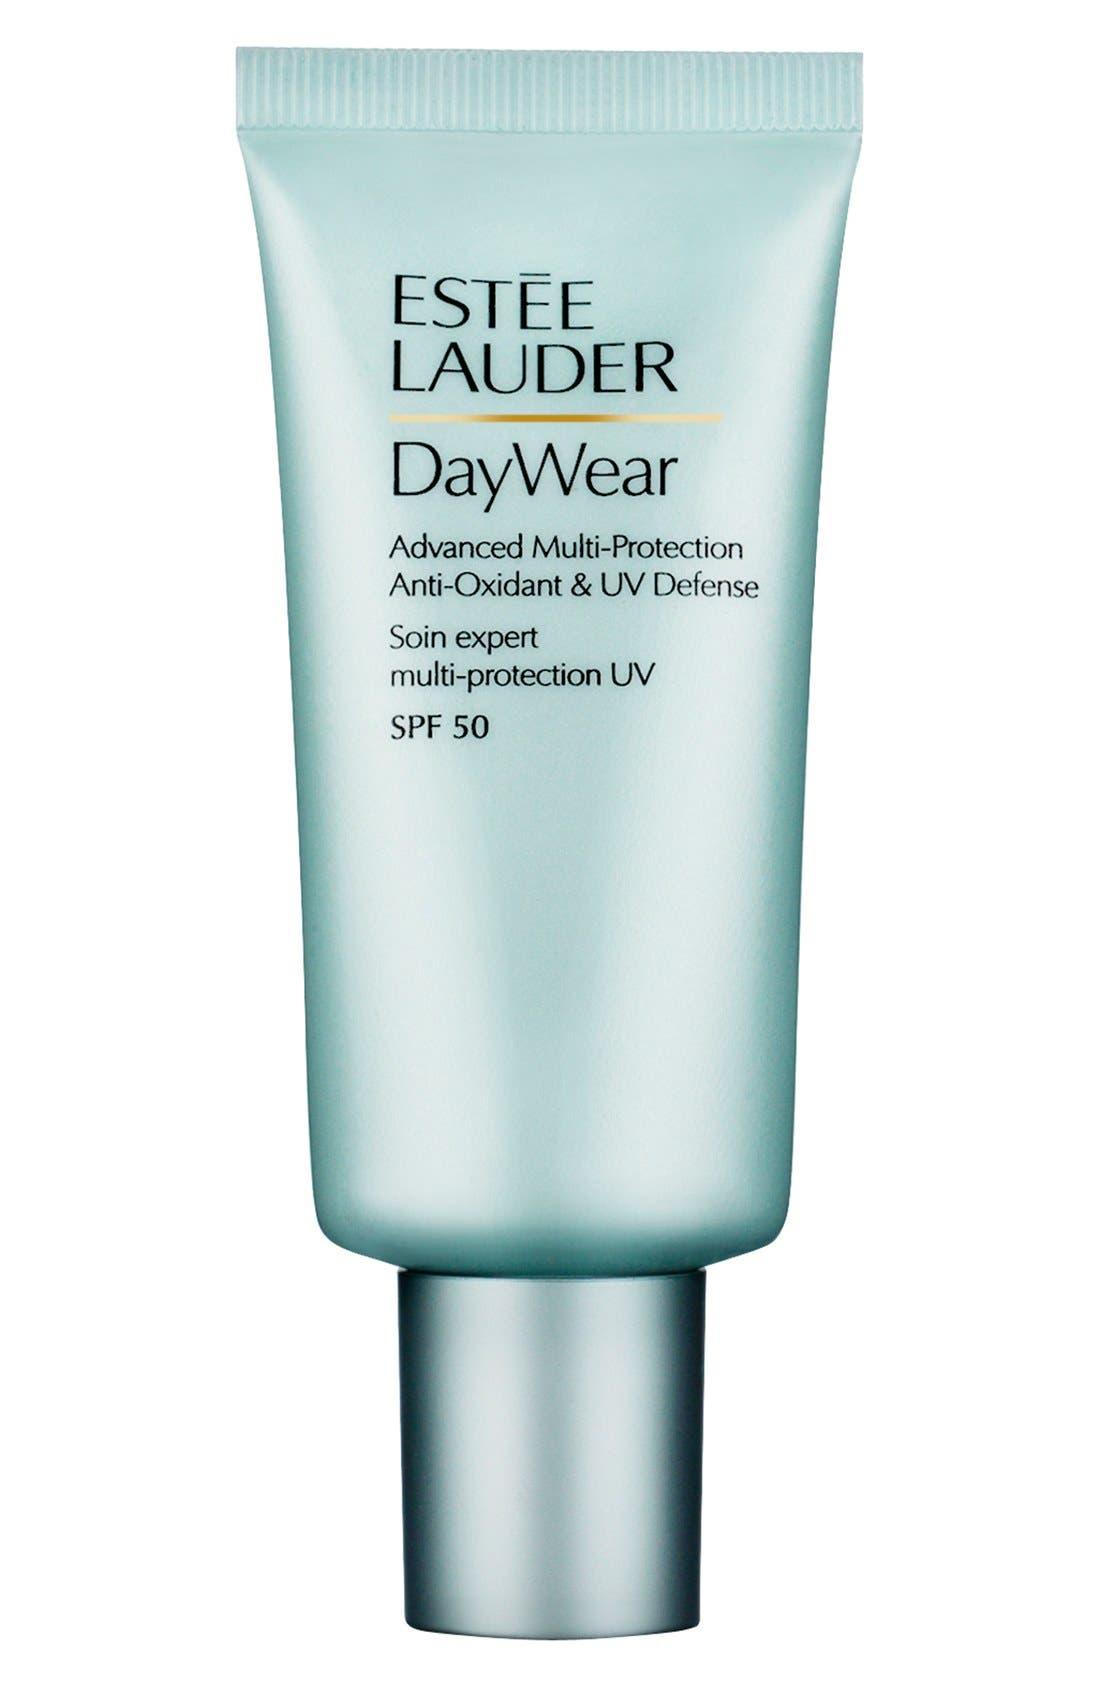 DayWear Advanced Multi-Protection Anti-Oxidant & UV Defense SPF 50, Main, color, 000